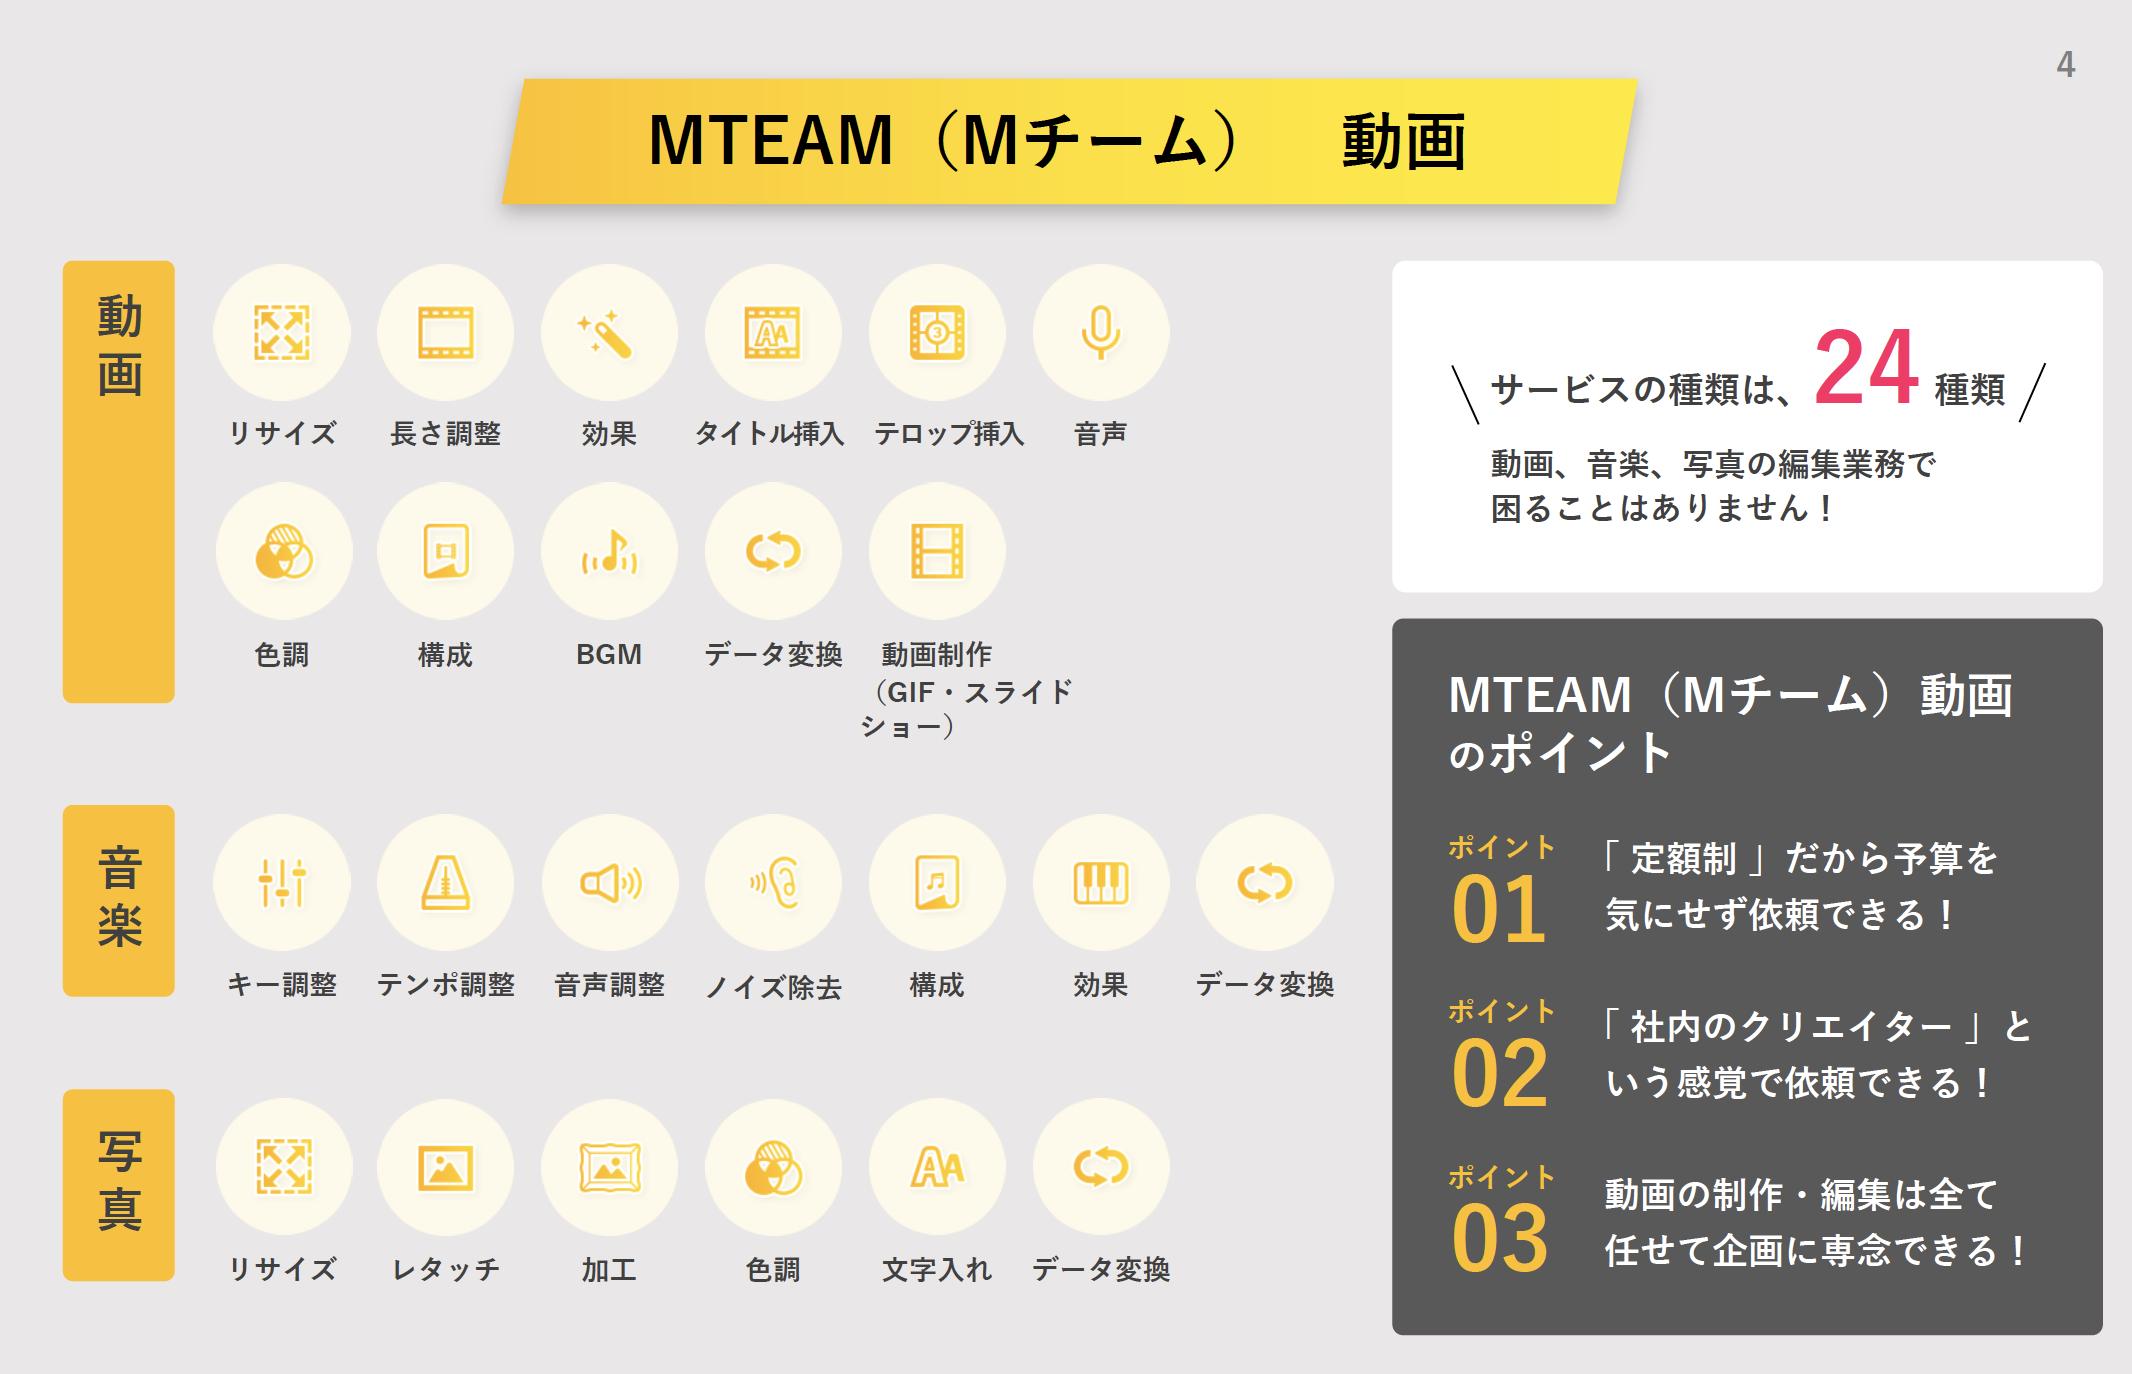 MTEAMmovie-service